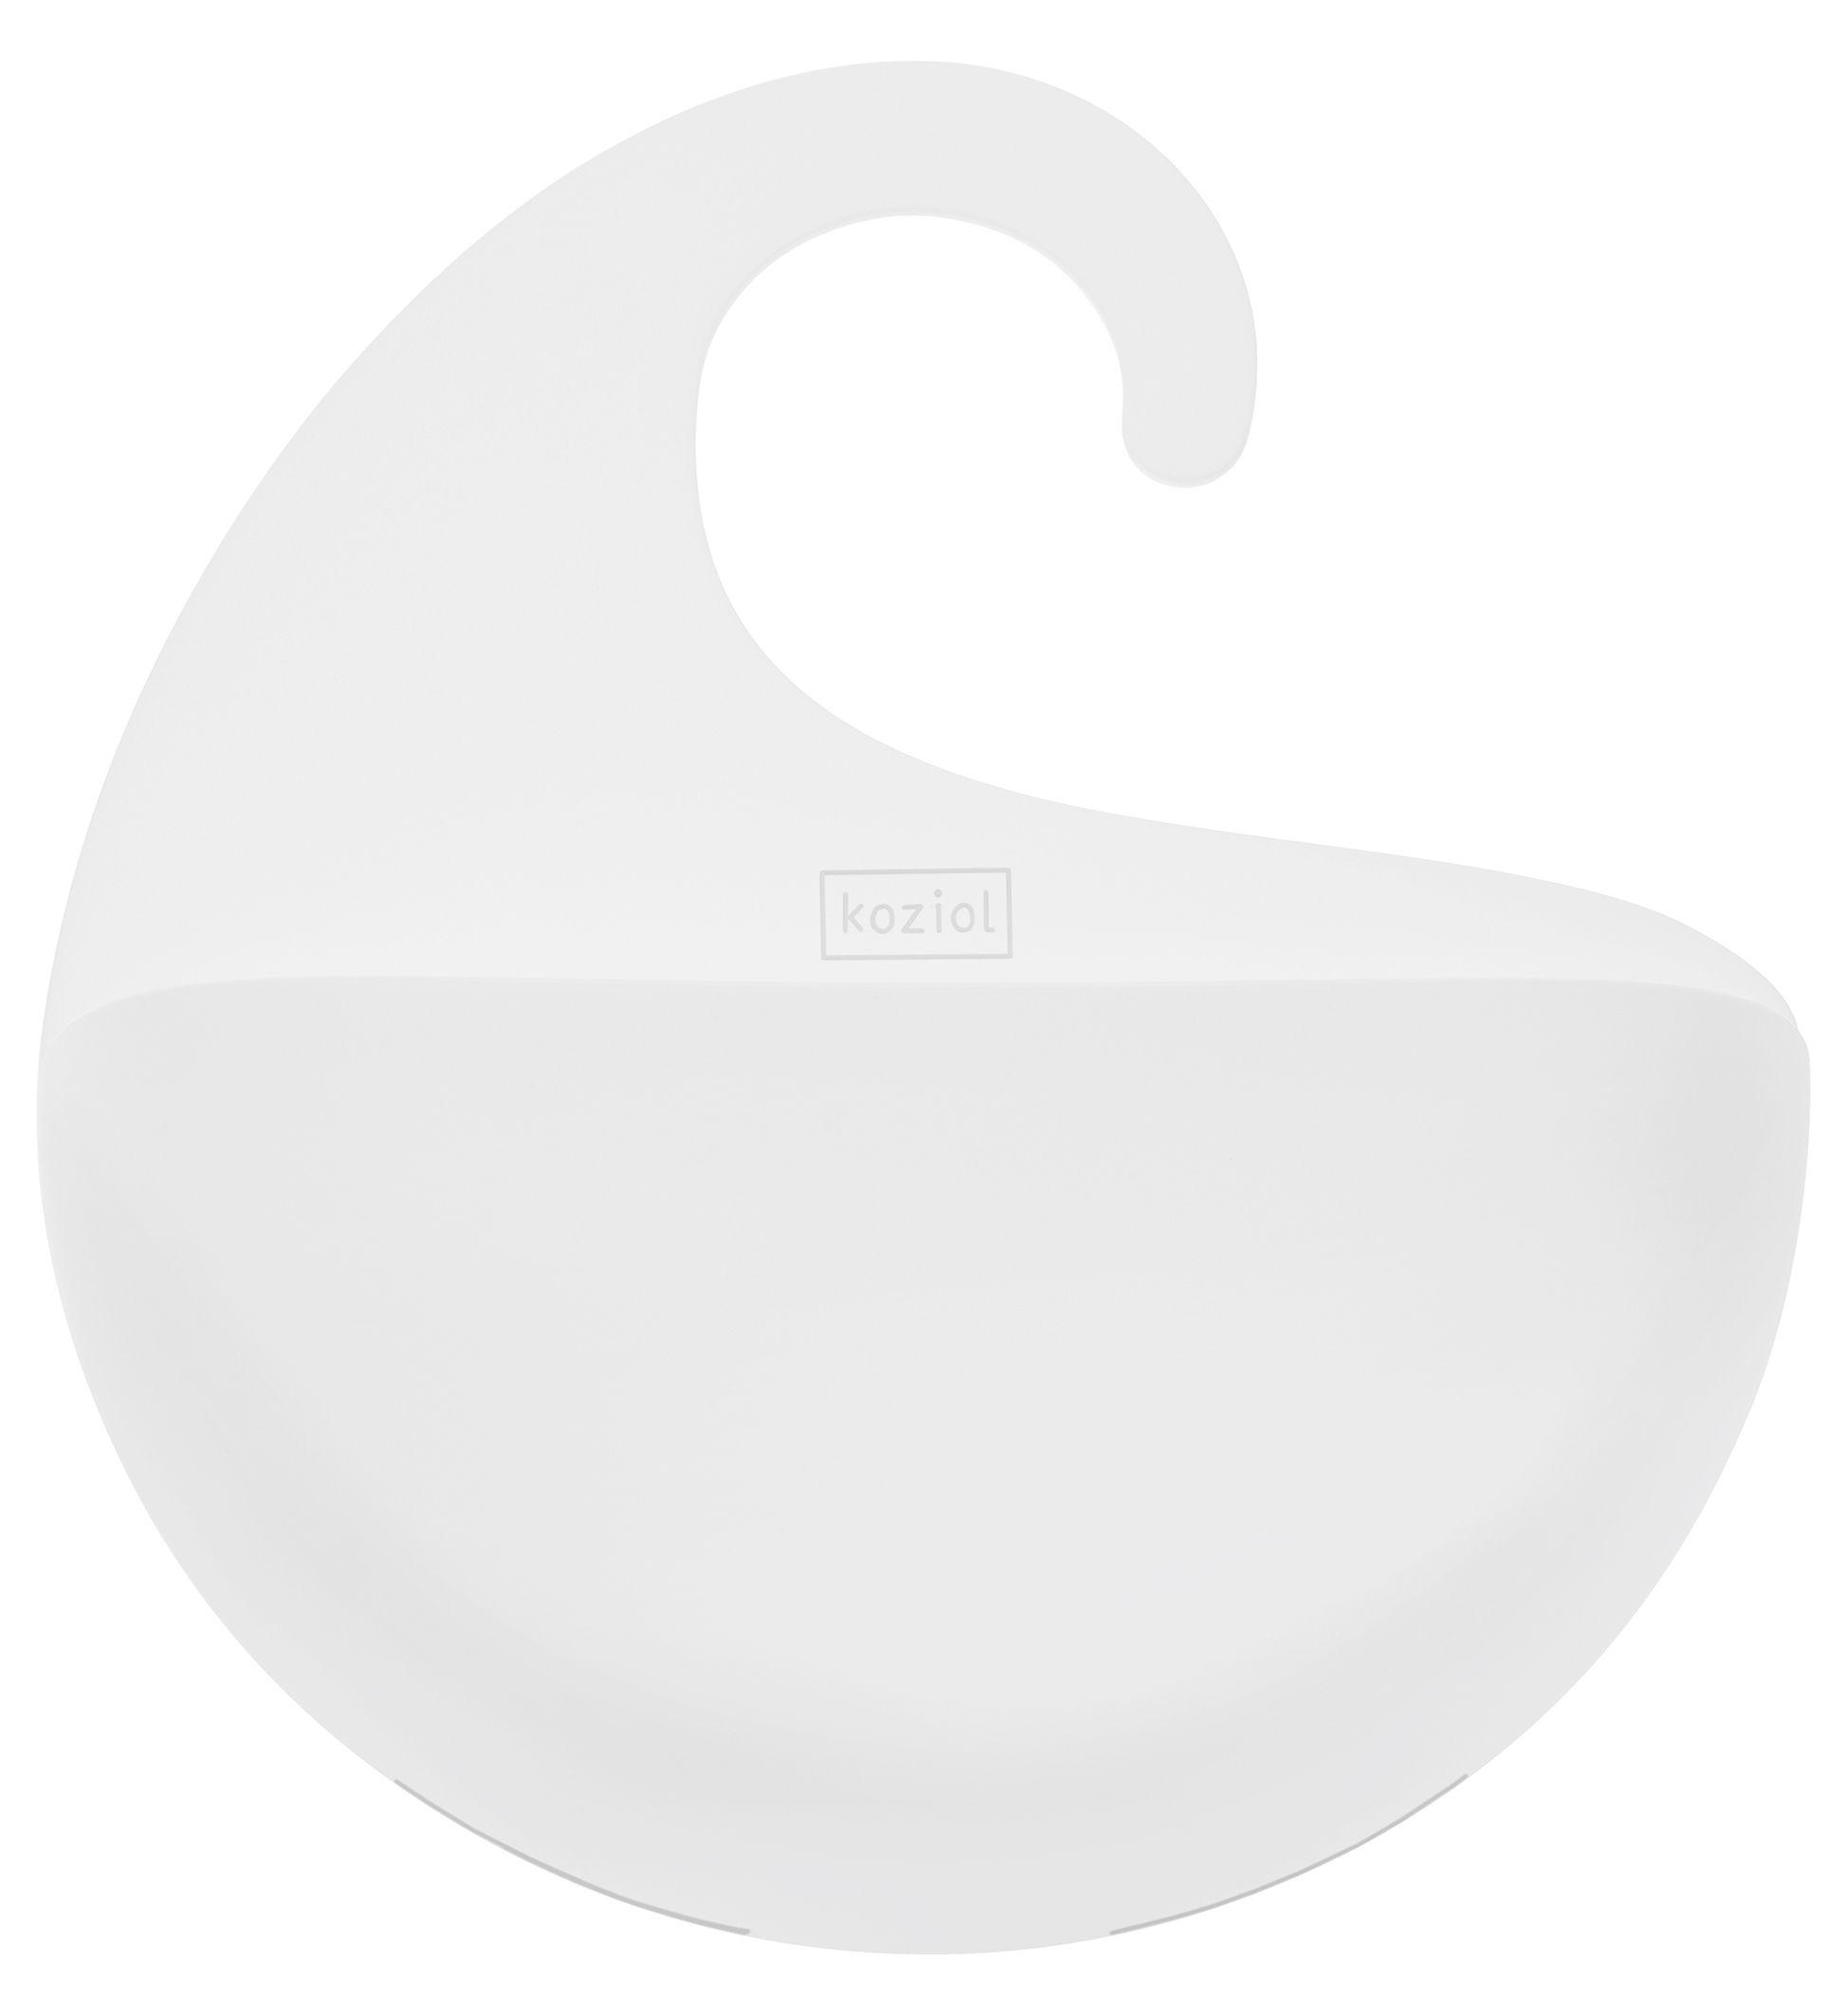 Dekoration - Badezimmer - Surf Aufbewahrungsbehälter / zum Aufhängen - H 25,3 cm - Koziol - Weiß - Plastikmaterial